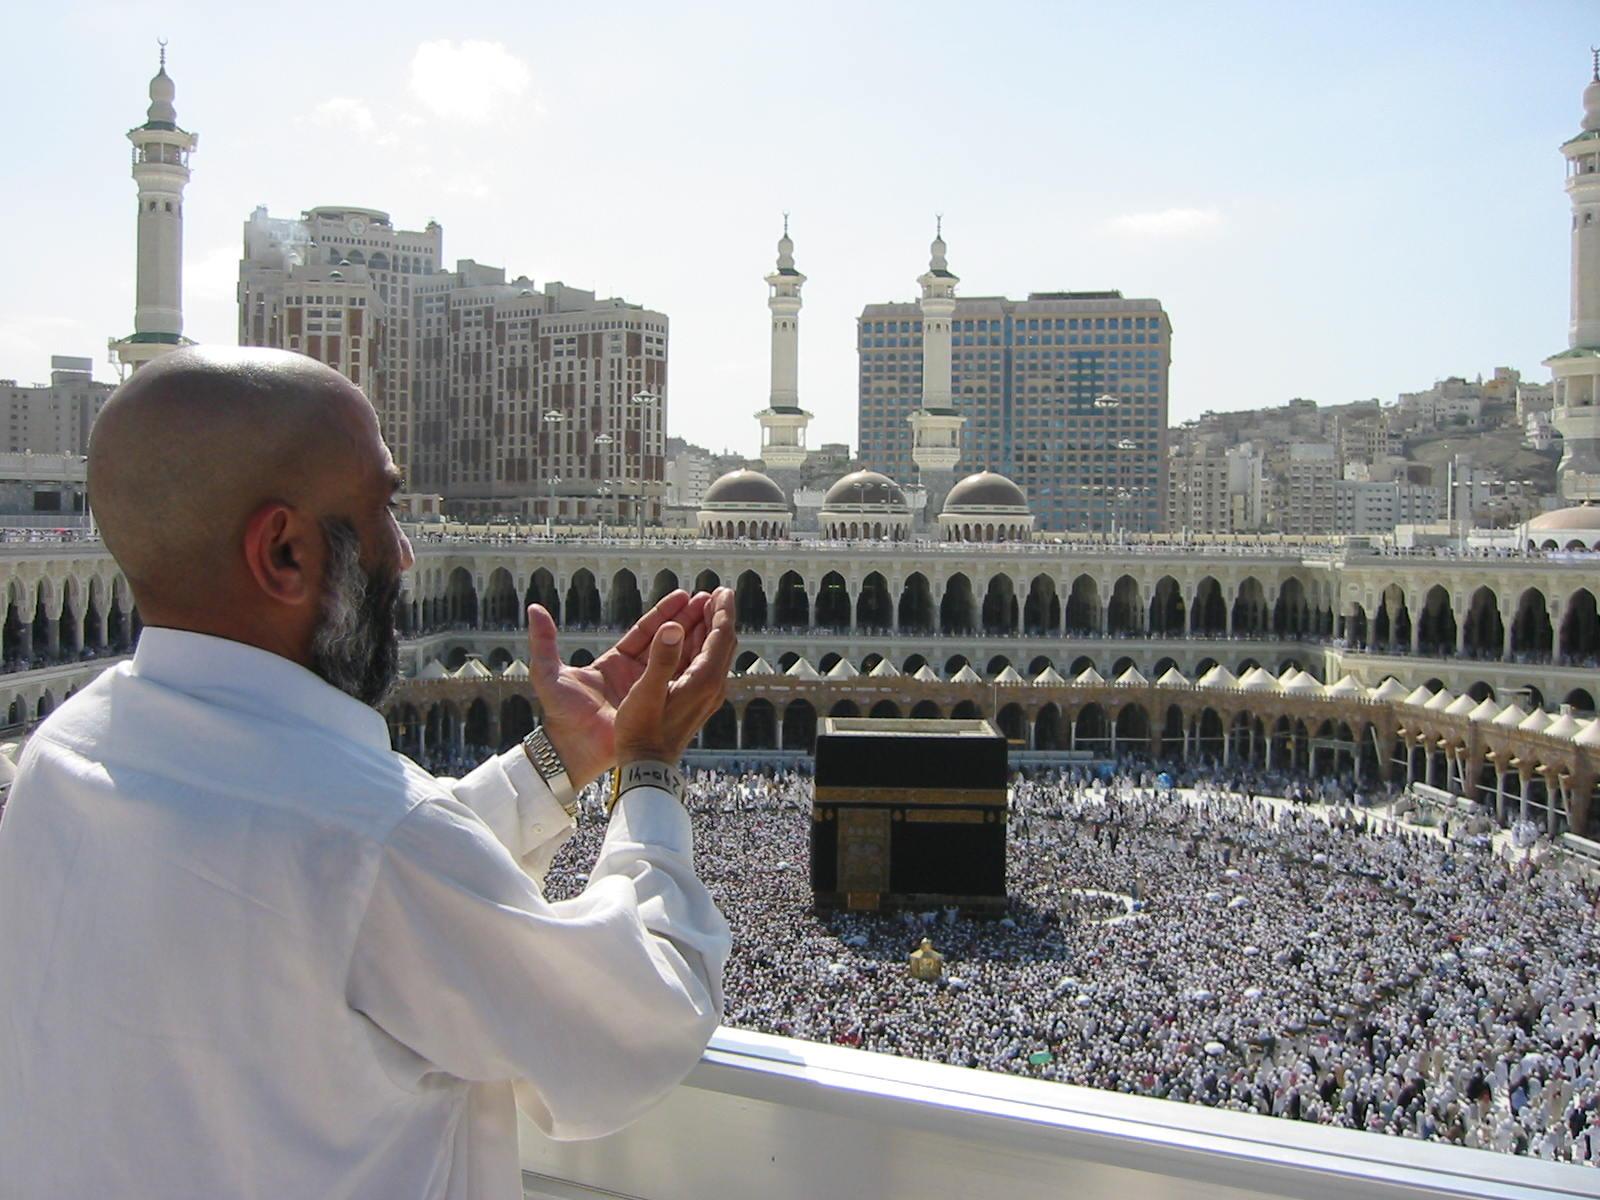 La Mecque et Kerbala, une bataille de pèlerinages ?